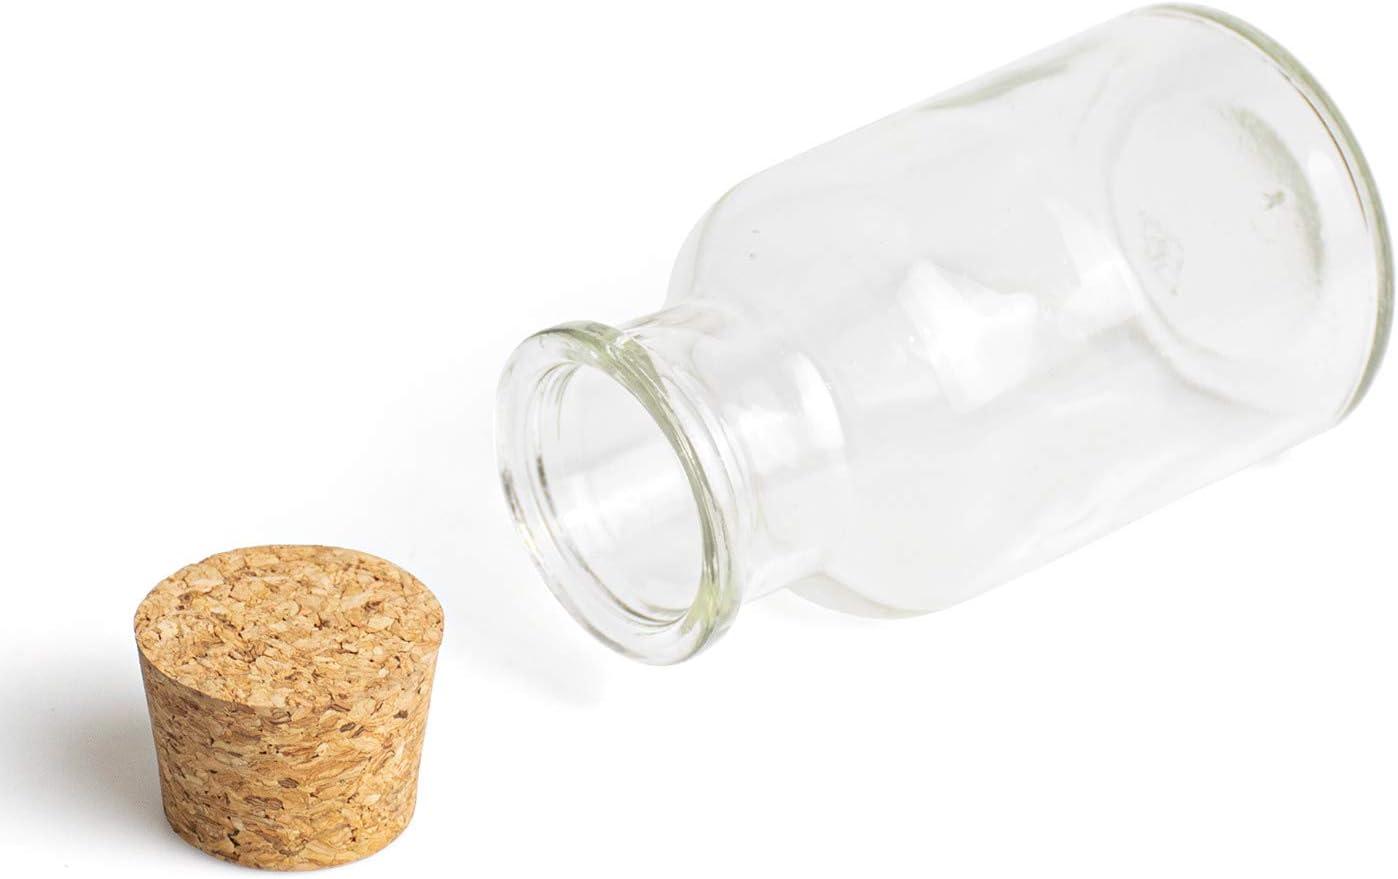 Tebery 150 ml tarros de especias con tapas de corcho set de especias - Almacenamiento de cocina Juego de cocina de 16 piezas almacenamiento de especias peque/ños tarros de cristal